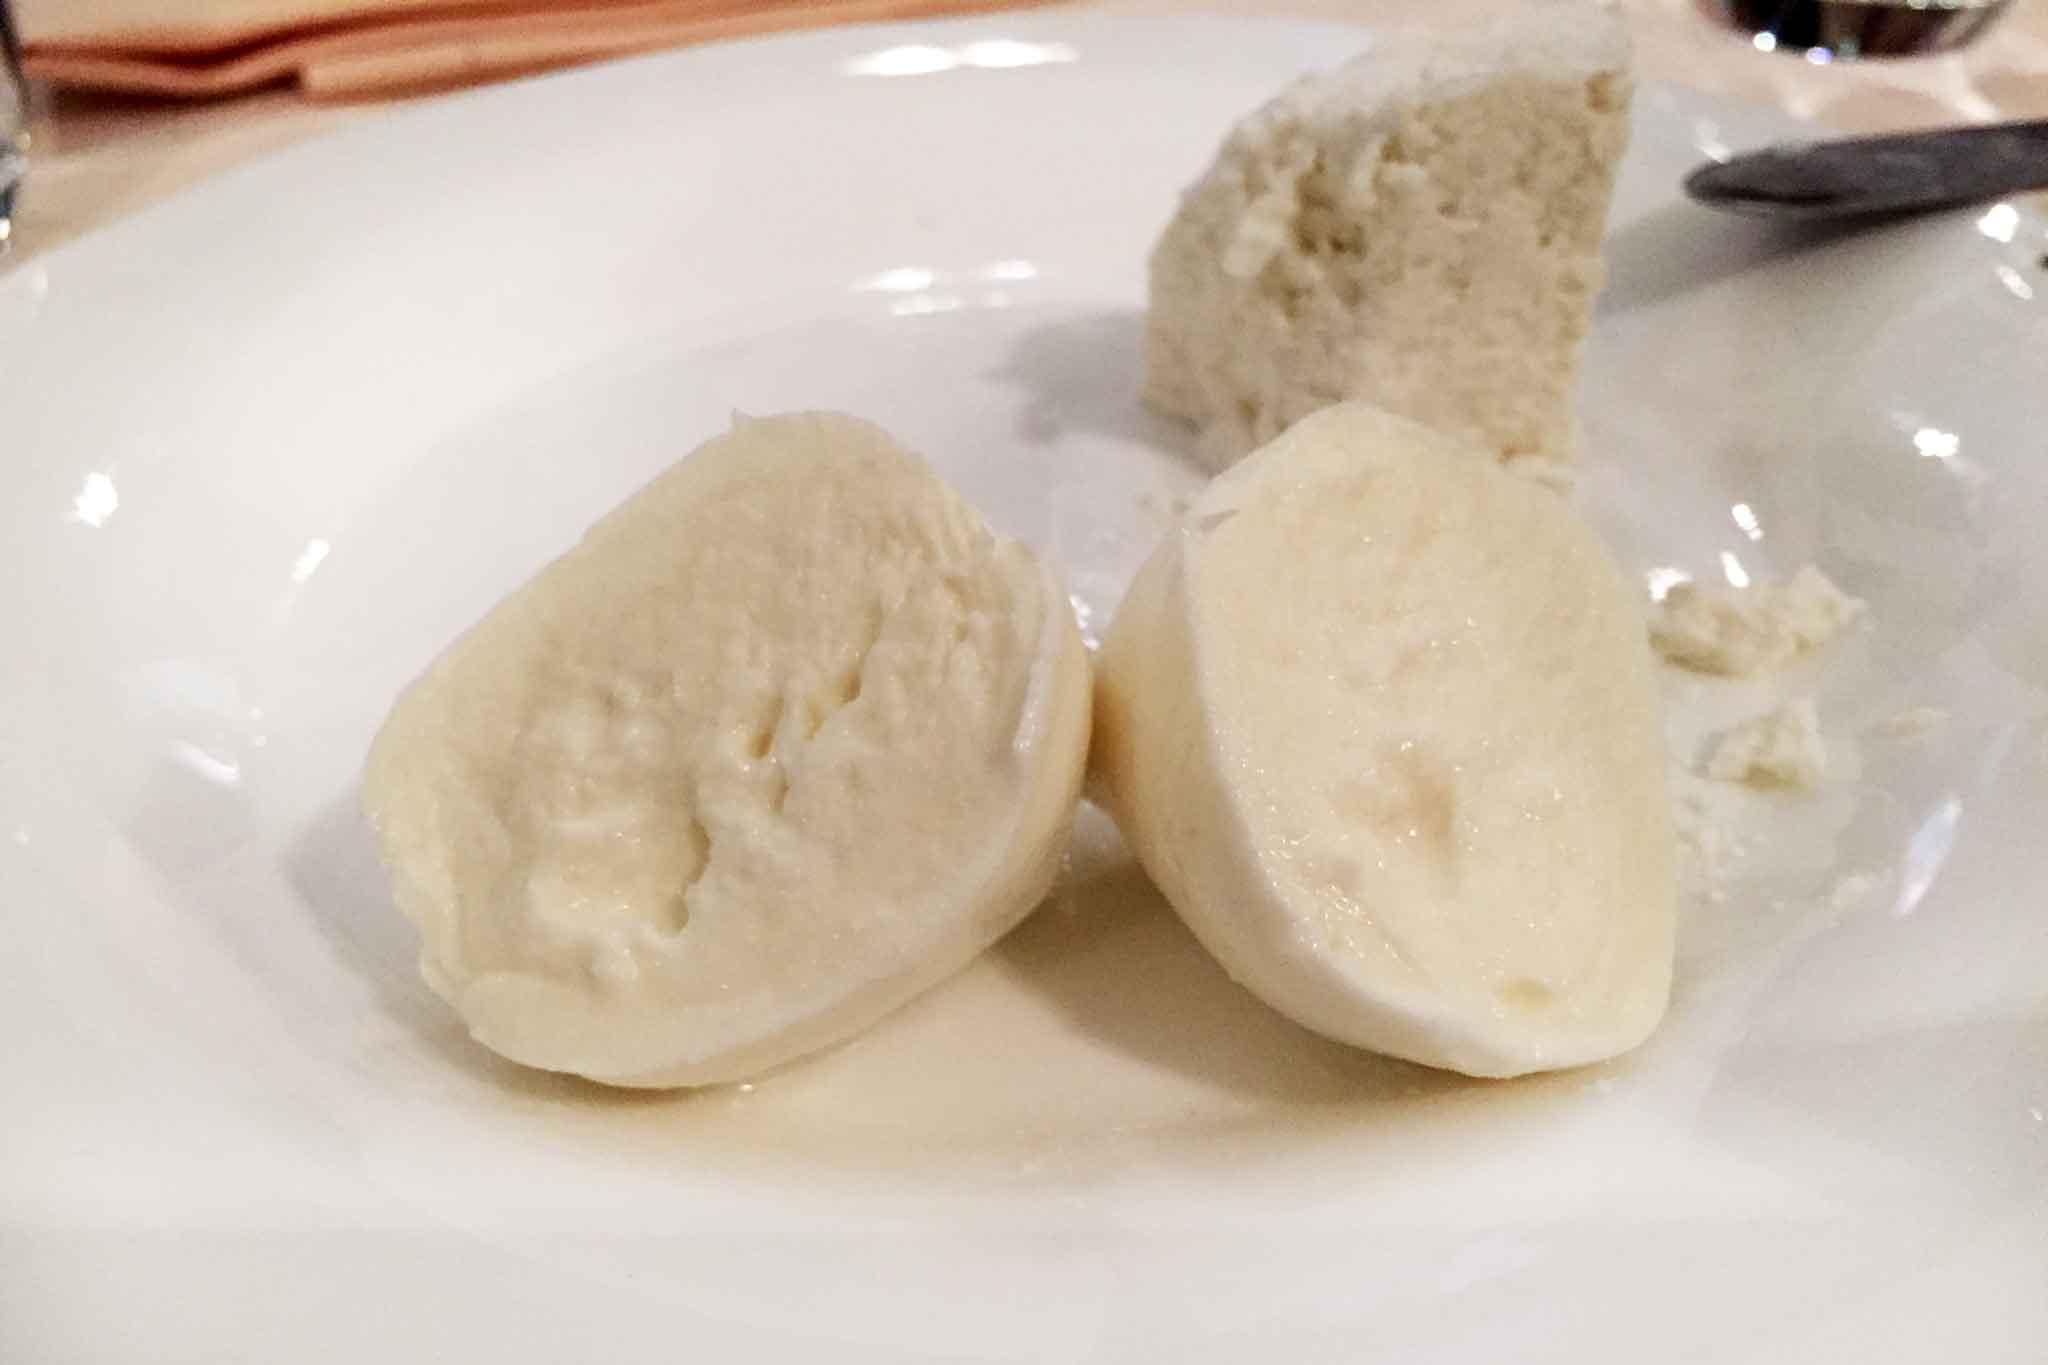 mozzarella-di-bufala-bocconcino-tagliato